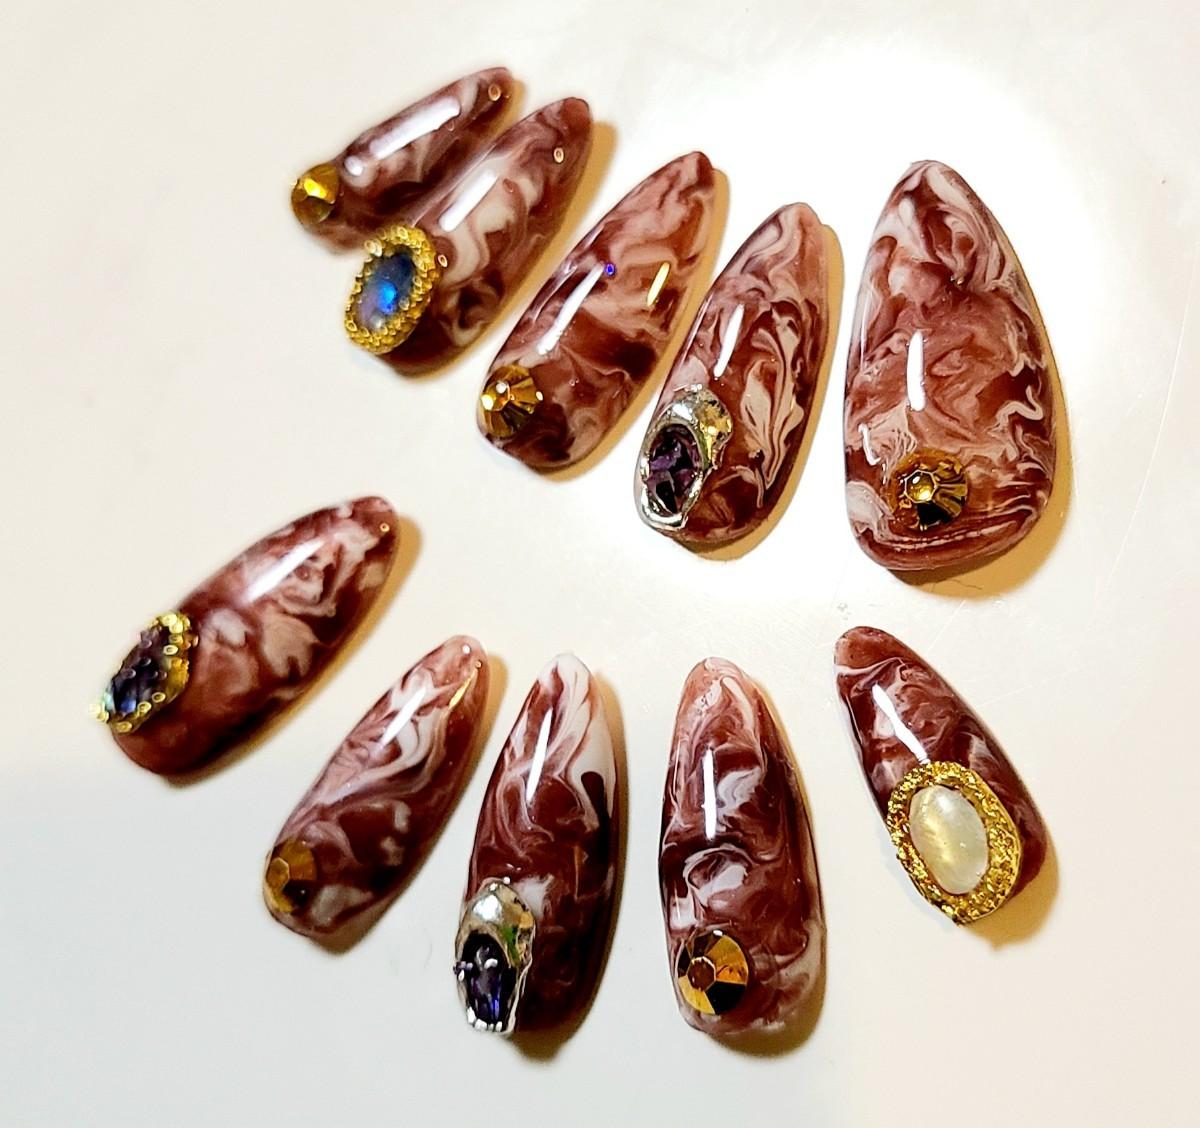 ネイルチップ ブラウン ホワイト チョコレート マーブル シェルパーツ ミディアム スキニー ポイント アーモンド ネイル